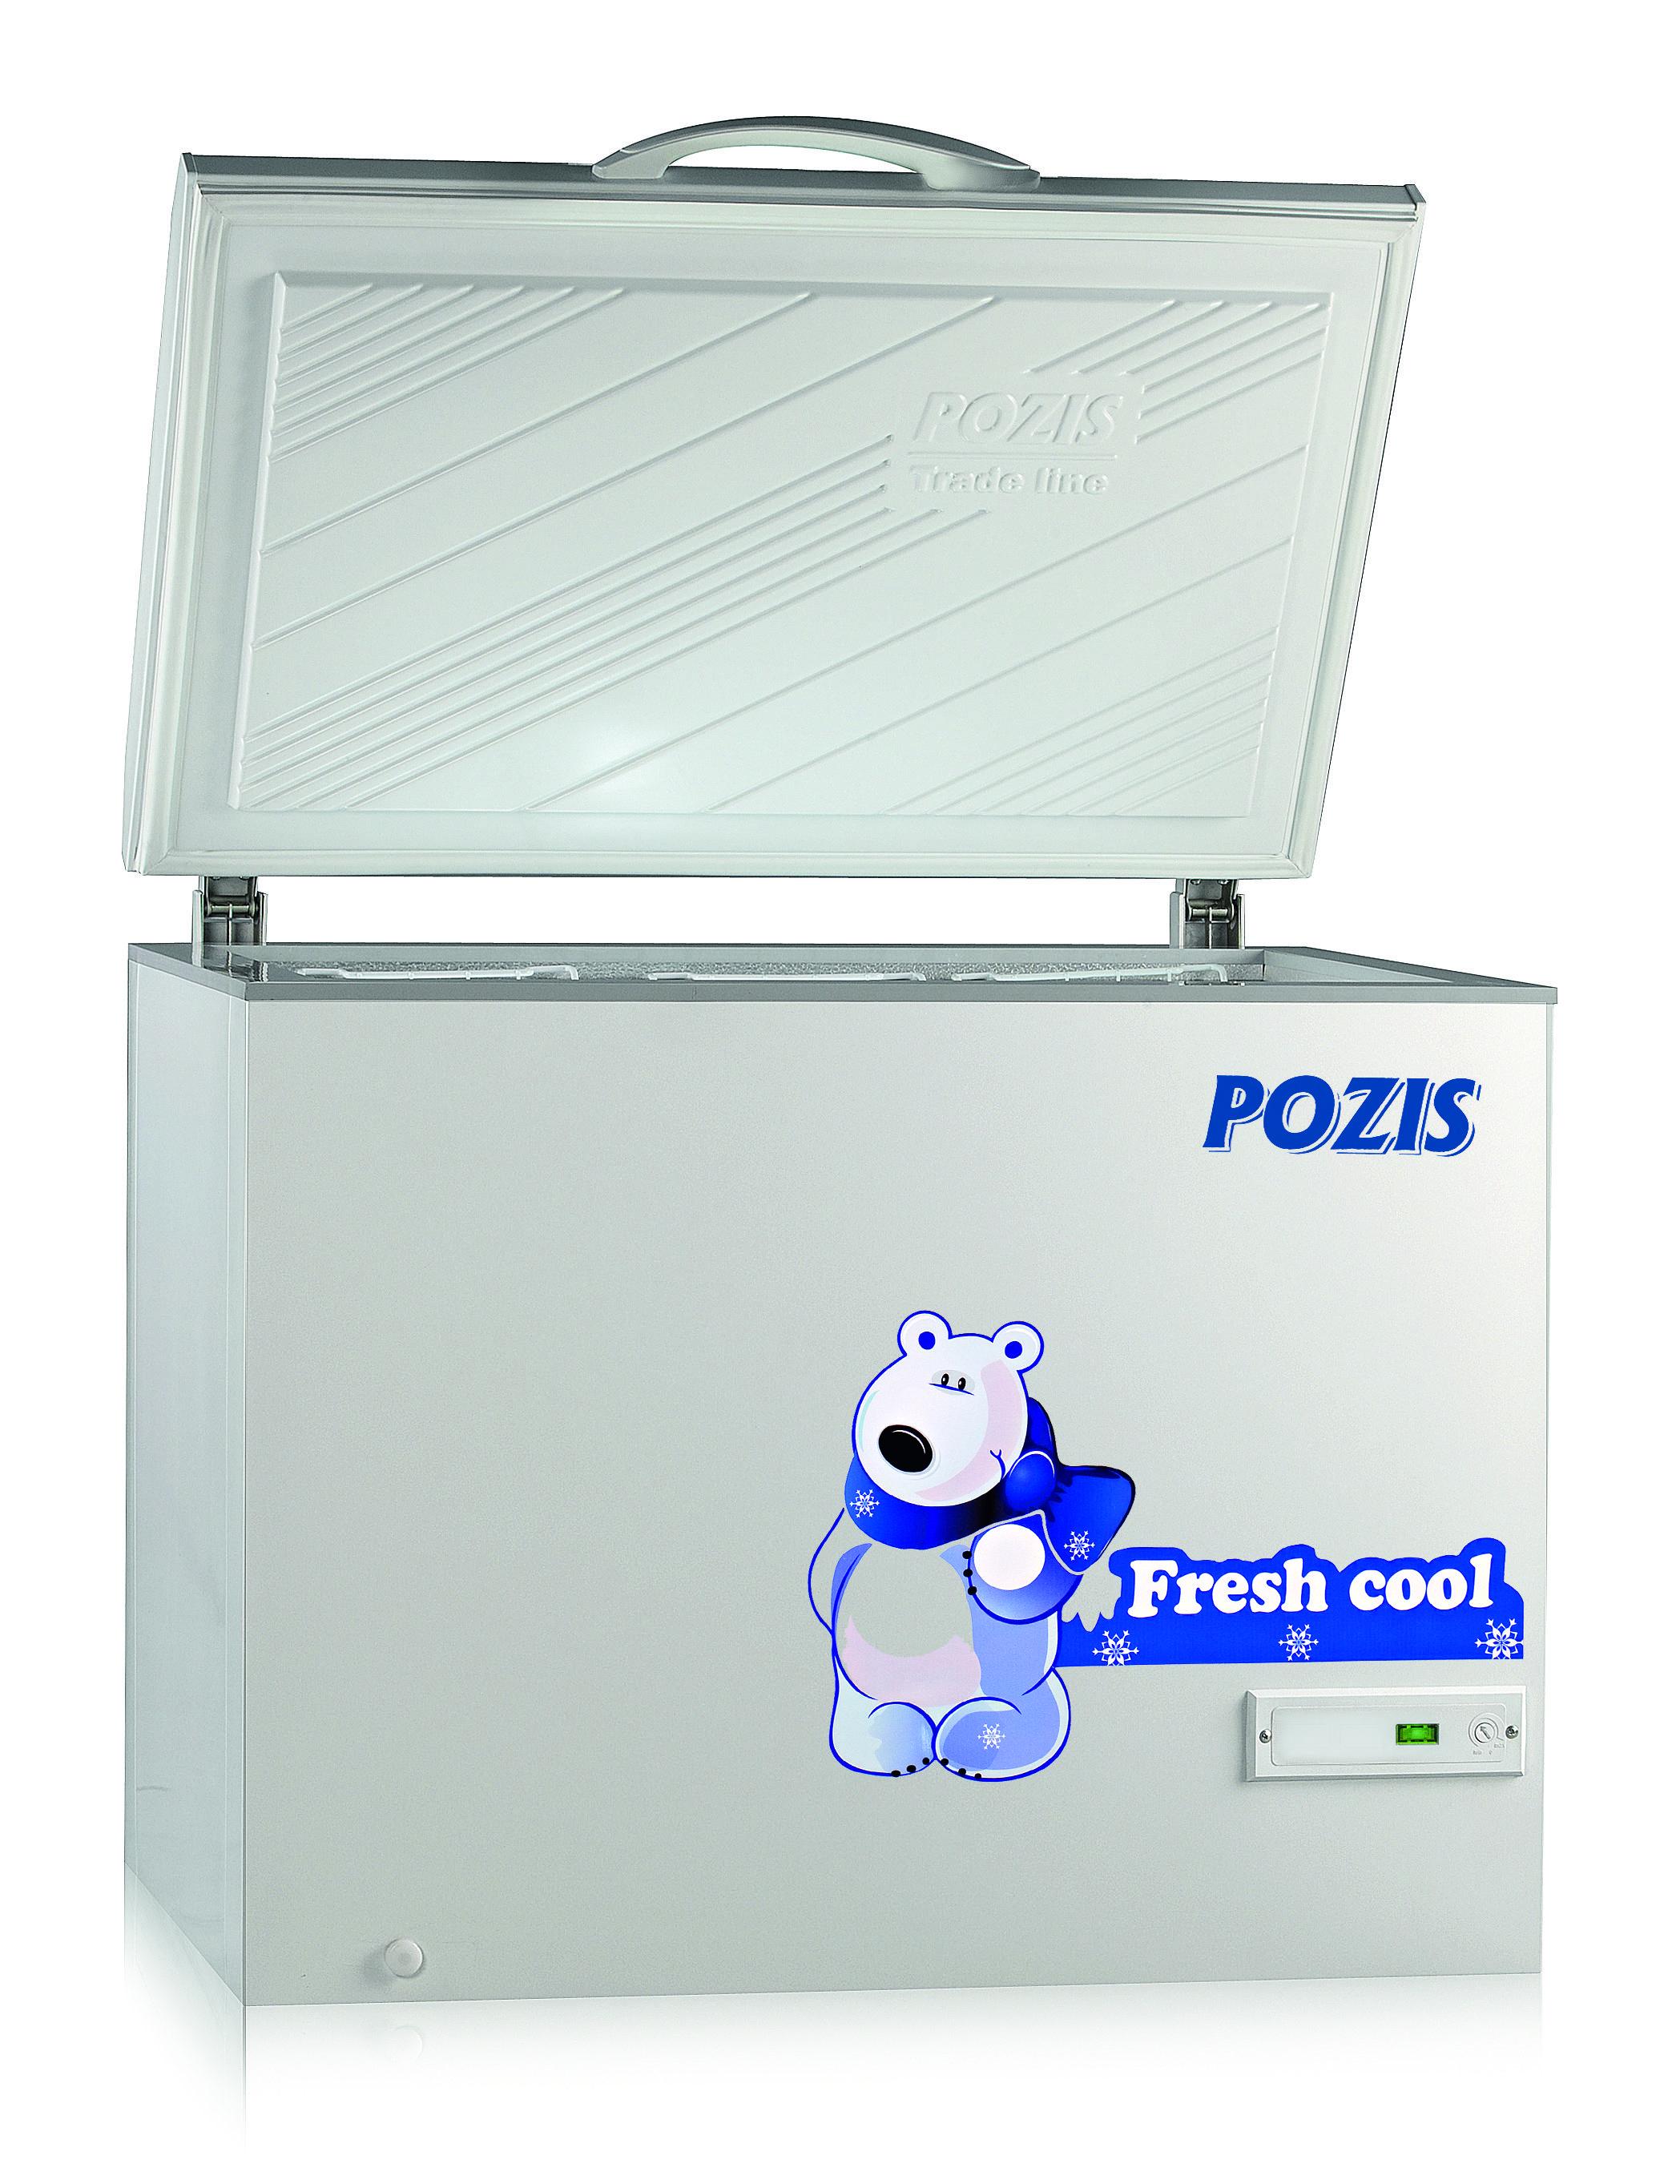 Морозильный ларь POZIS FH 255-1 от Ravta